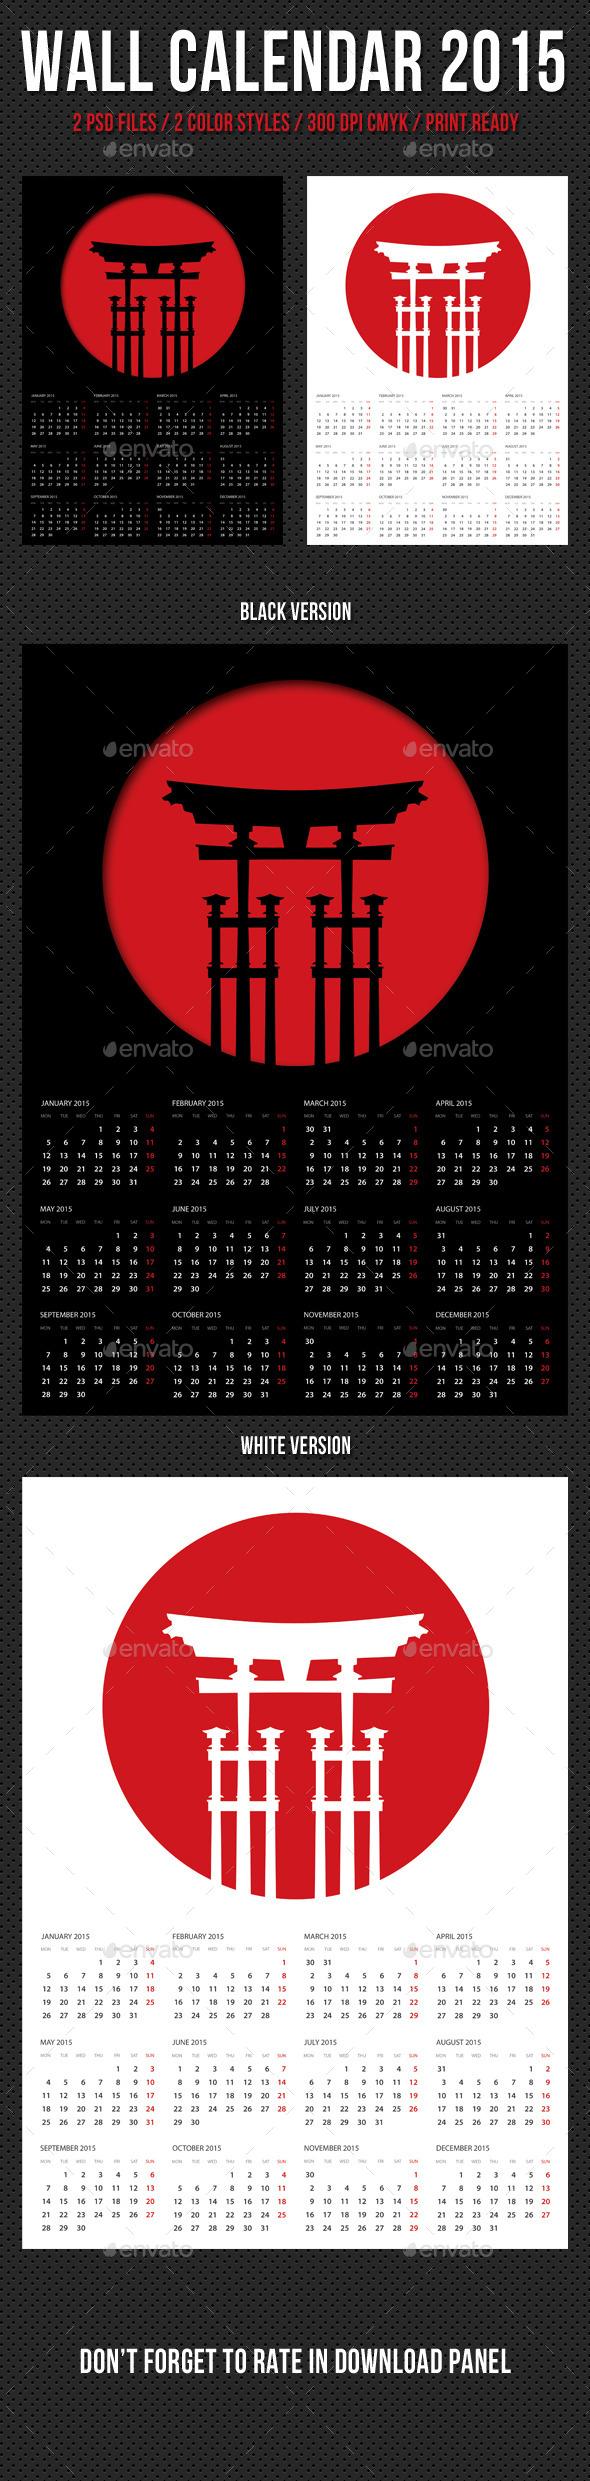 GraphicRiver Wall Calendar A3 2015 V11 9872603